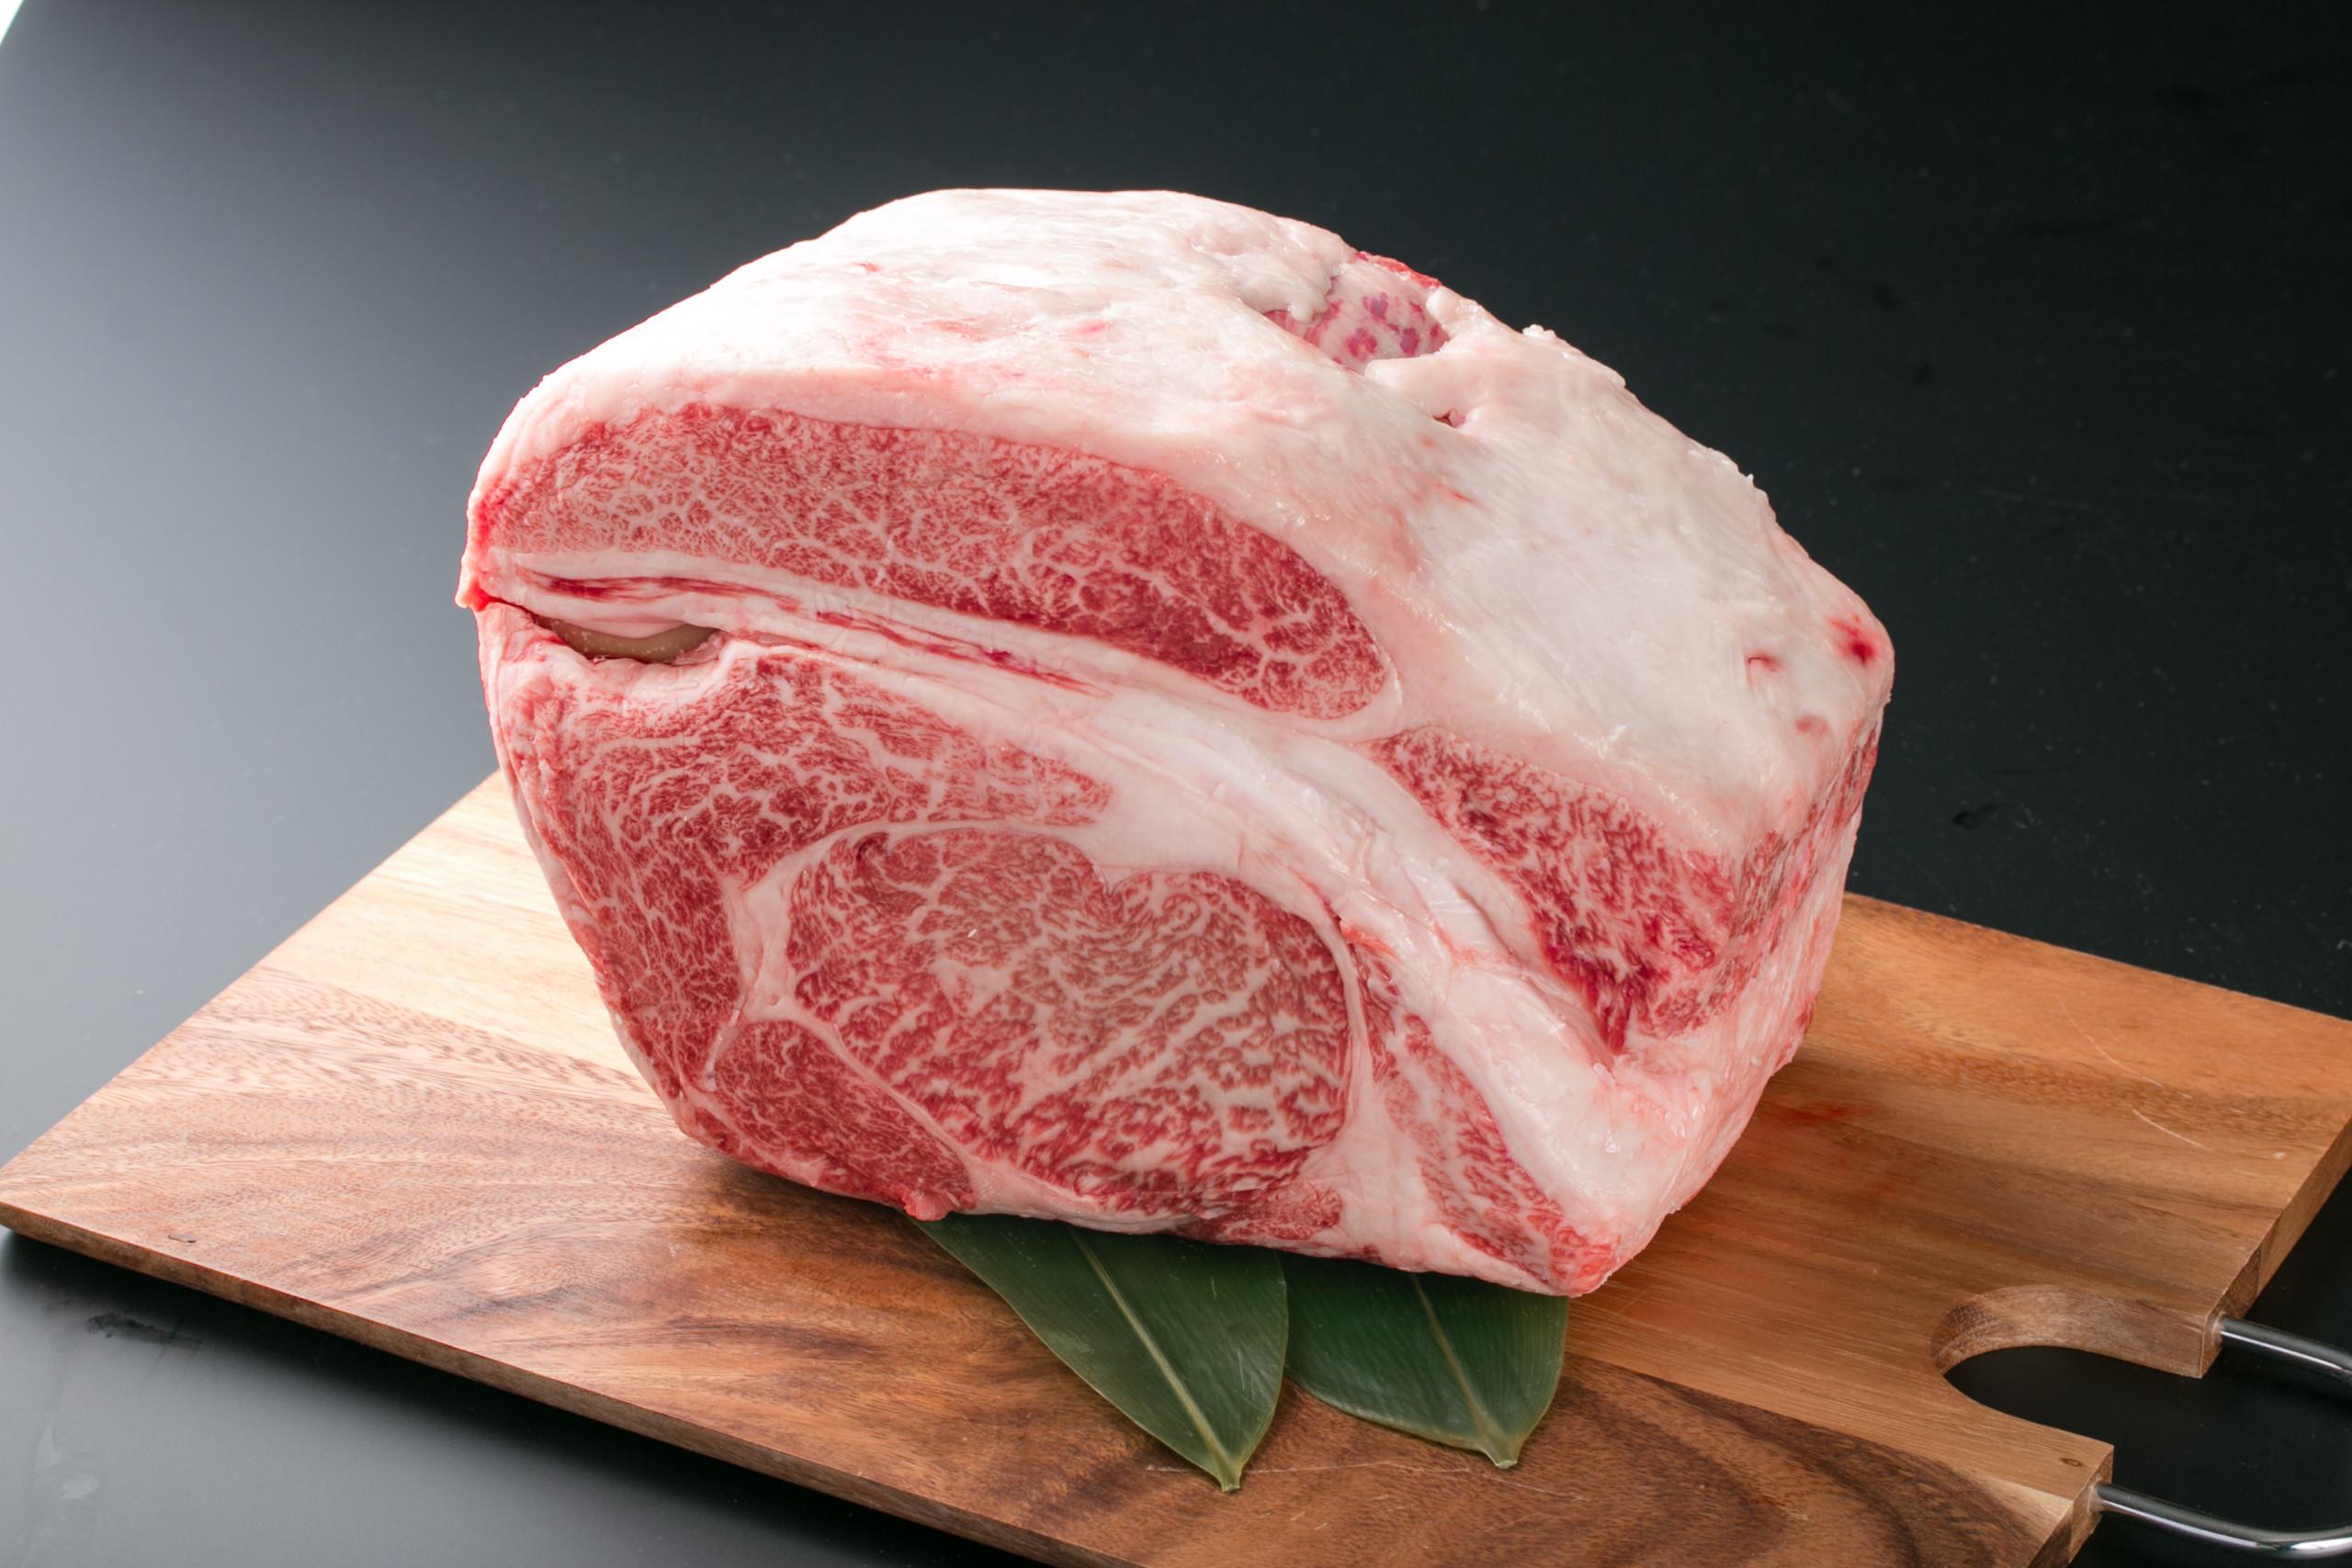 ブロック肉を制するものは肉を制す【食べるエッセイvol.7】